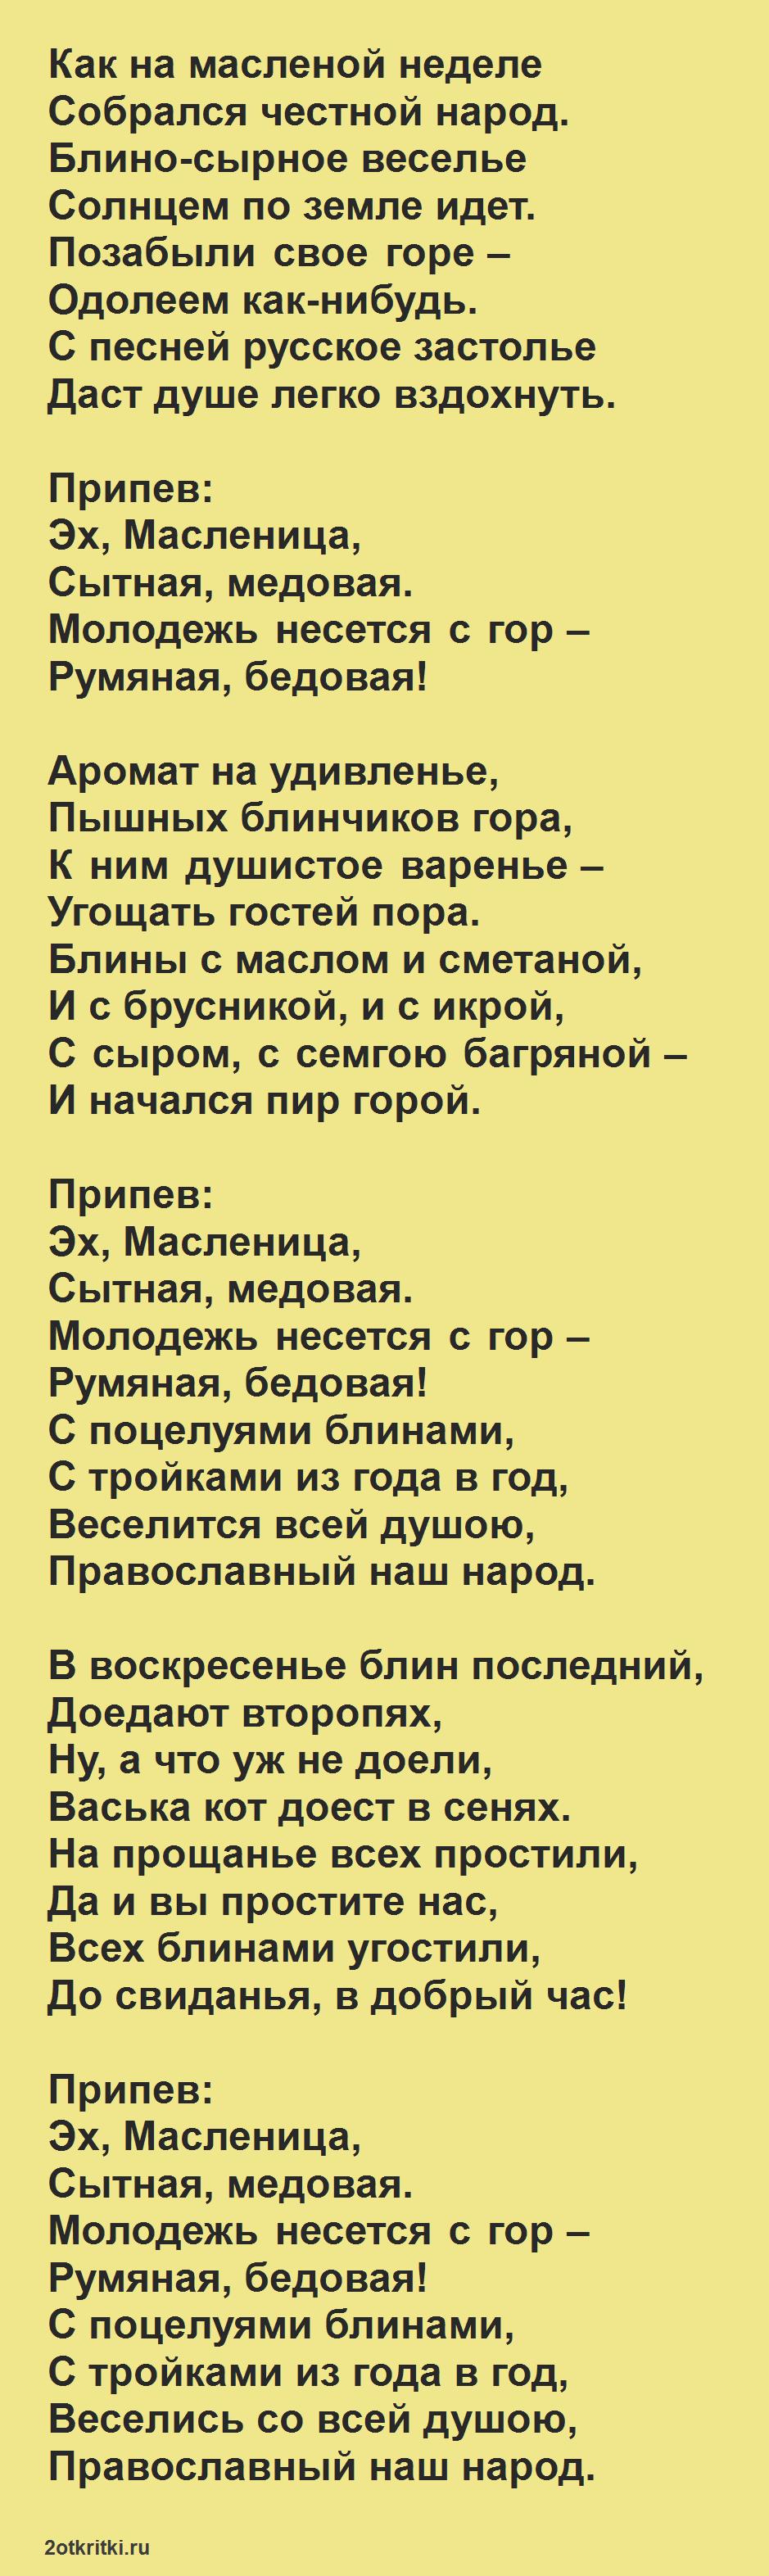 Песня Масленица